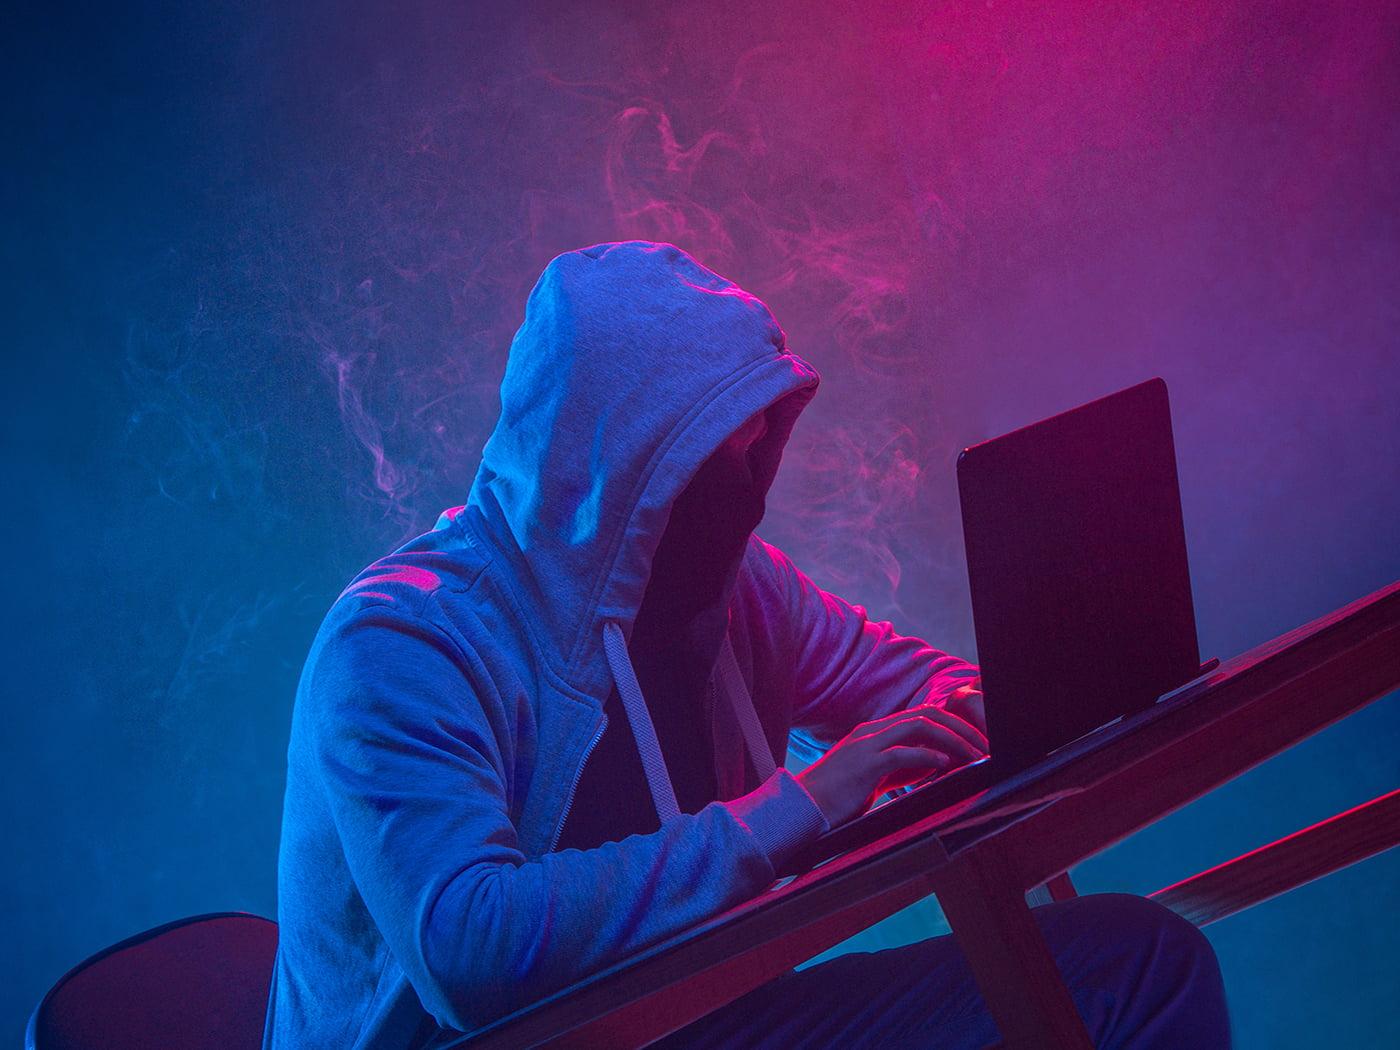 Dark web scammer